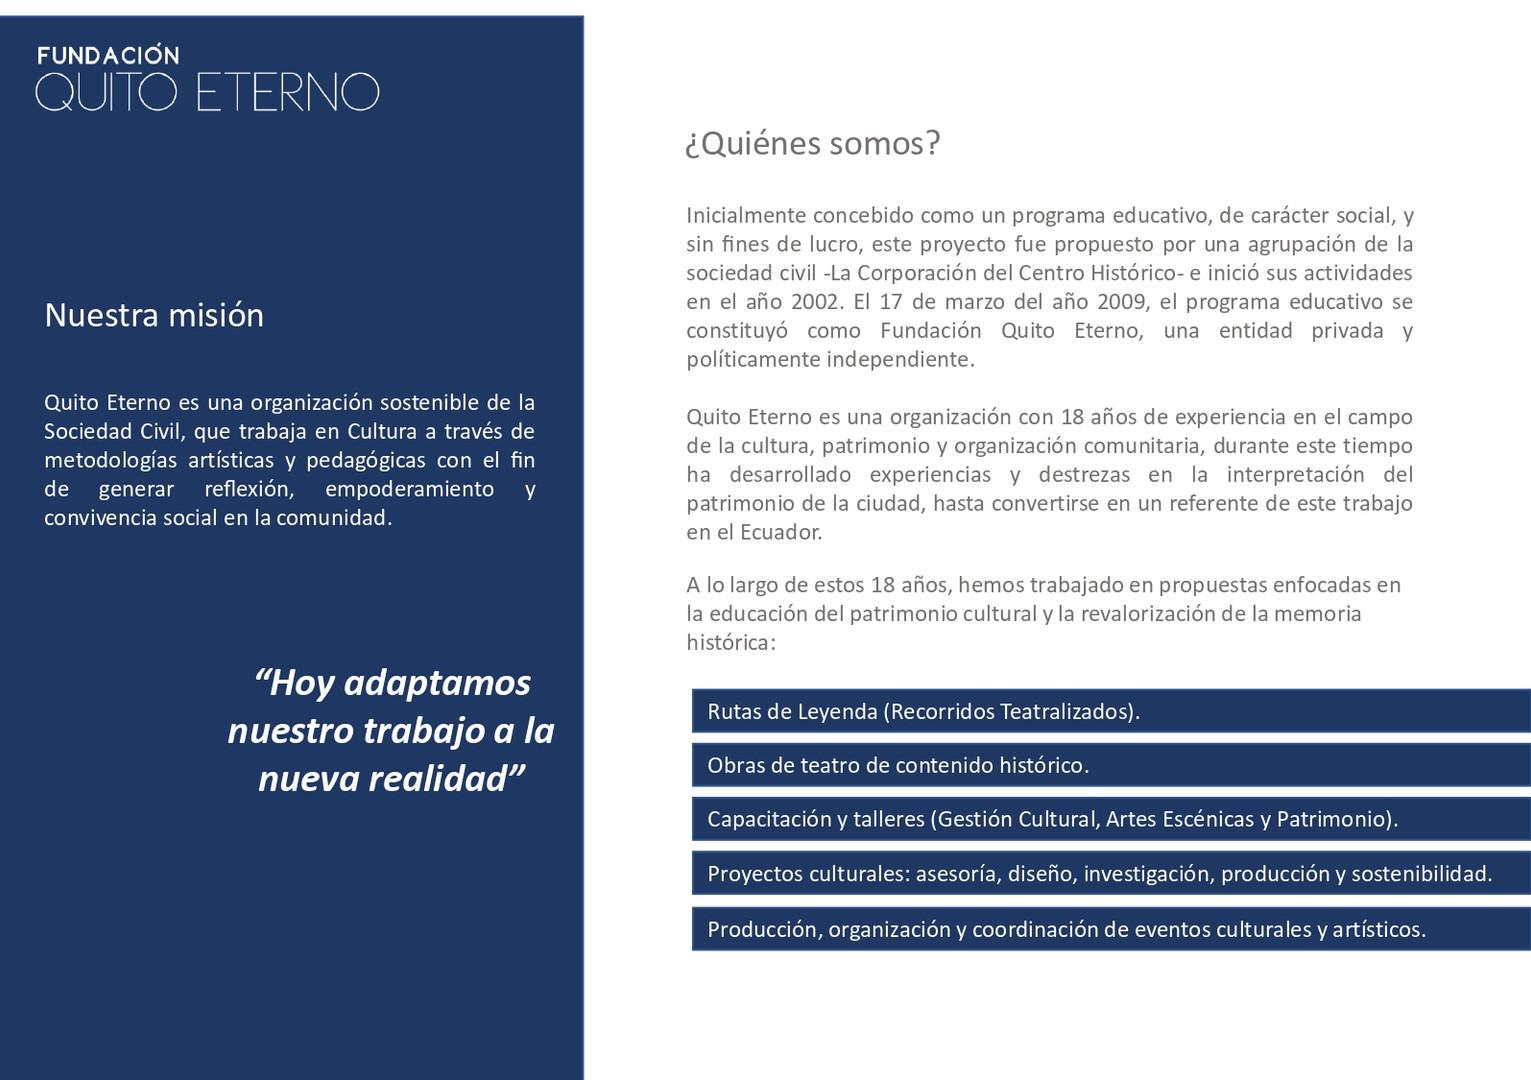 Quito Eterno - Historias que curan 2